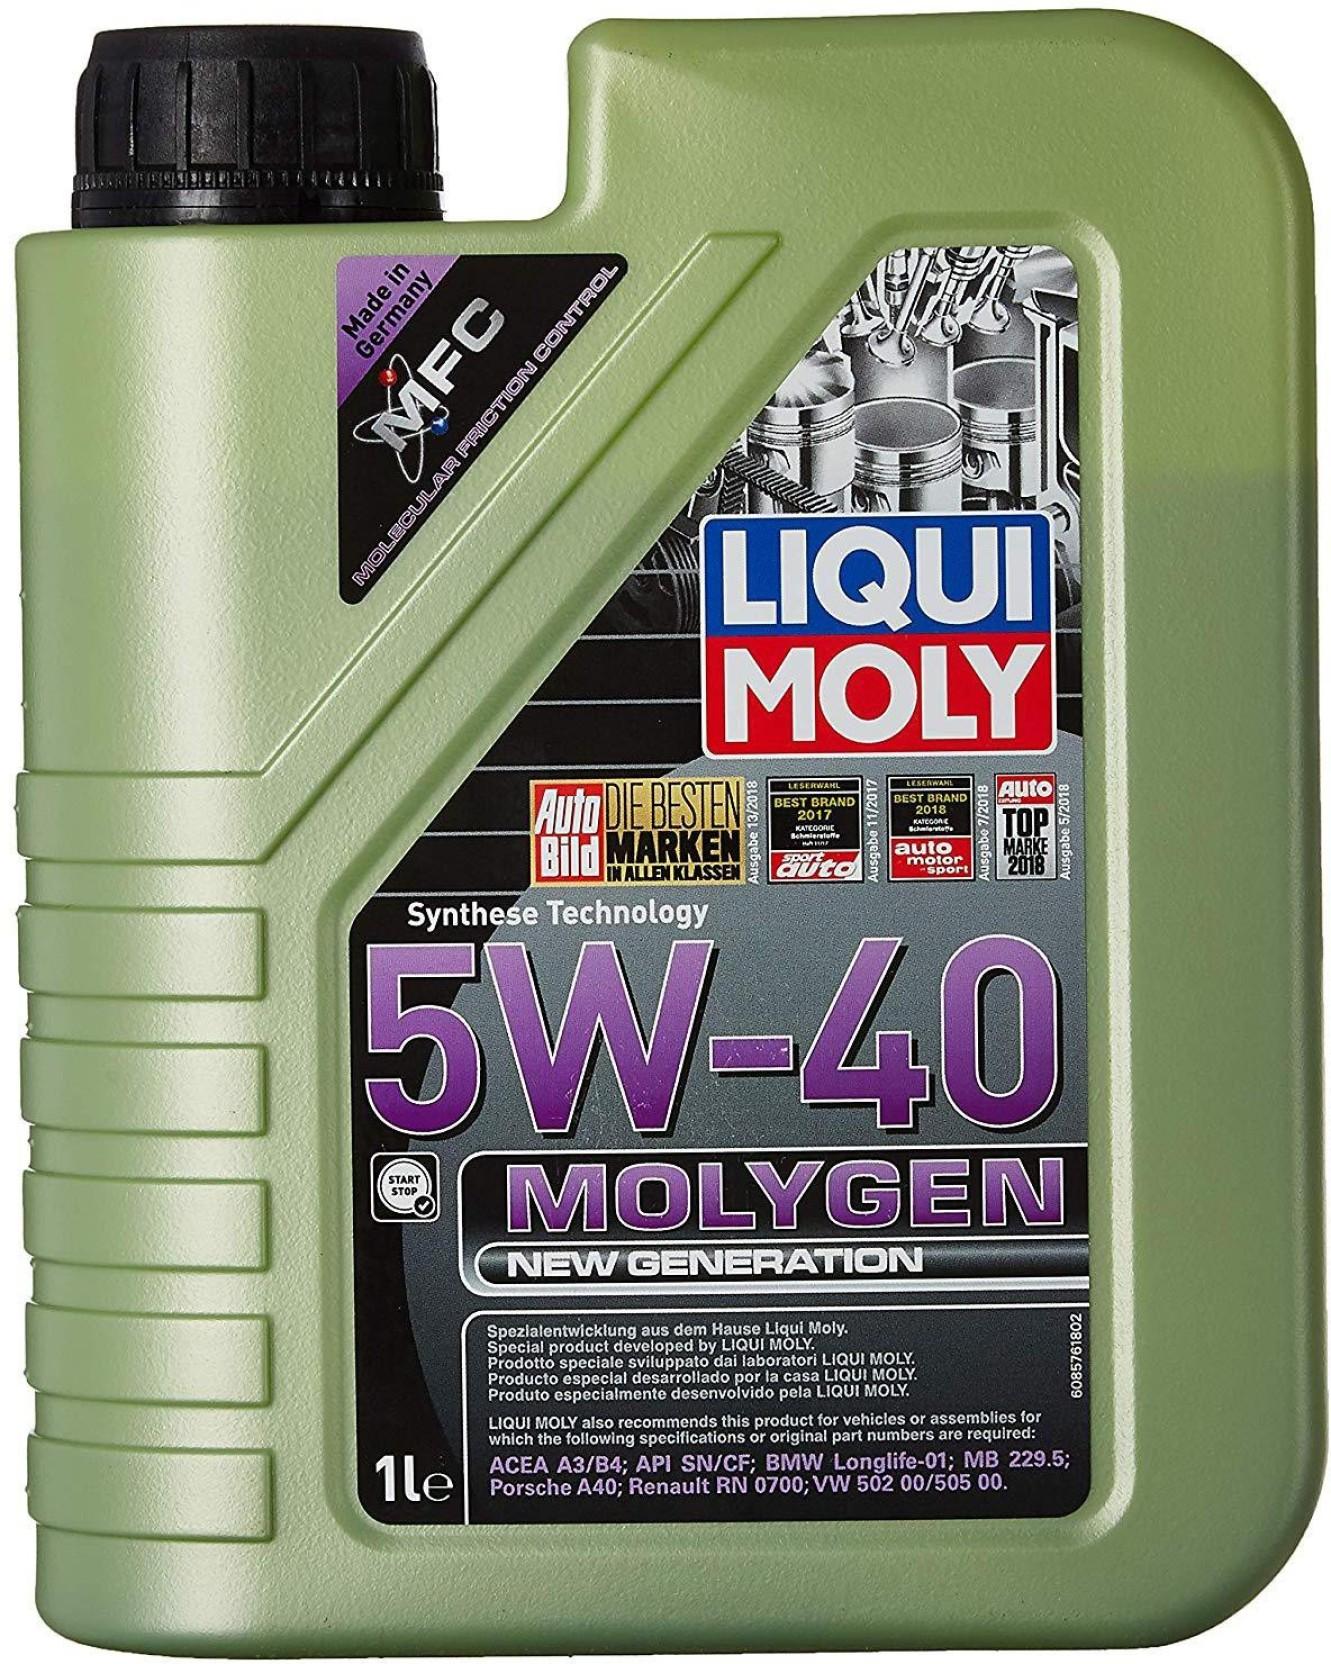 Liqui Moly Molygen New Generation 5W-40 ACEA A3, ACEA B4, API SN